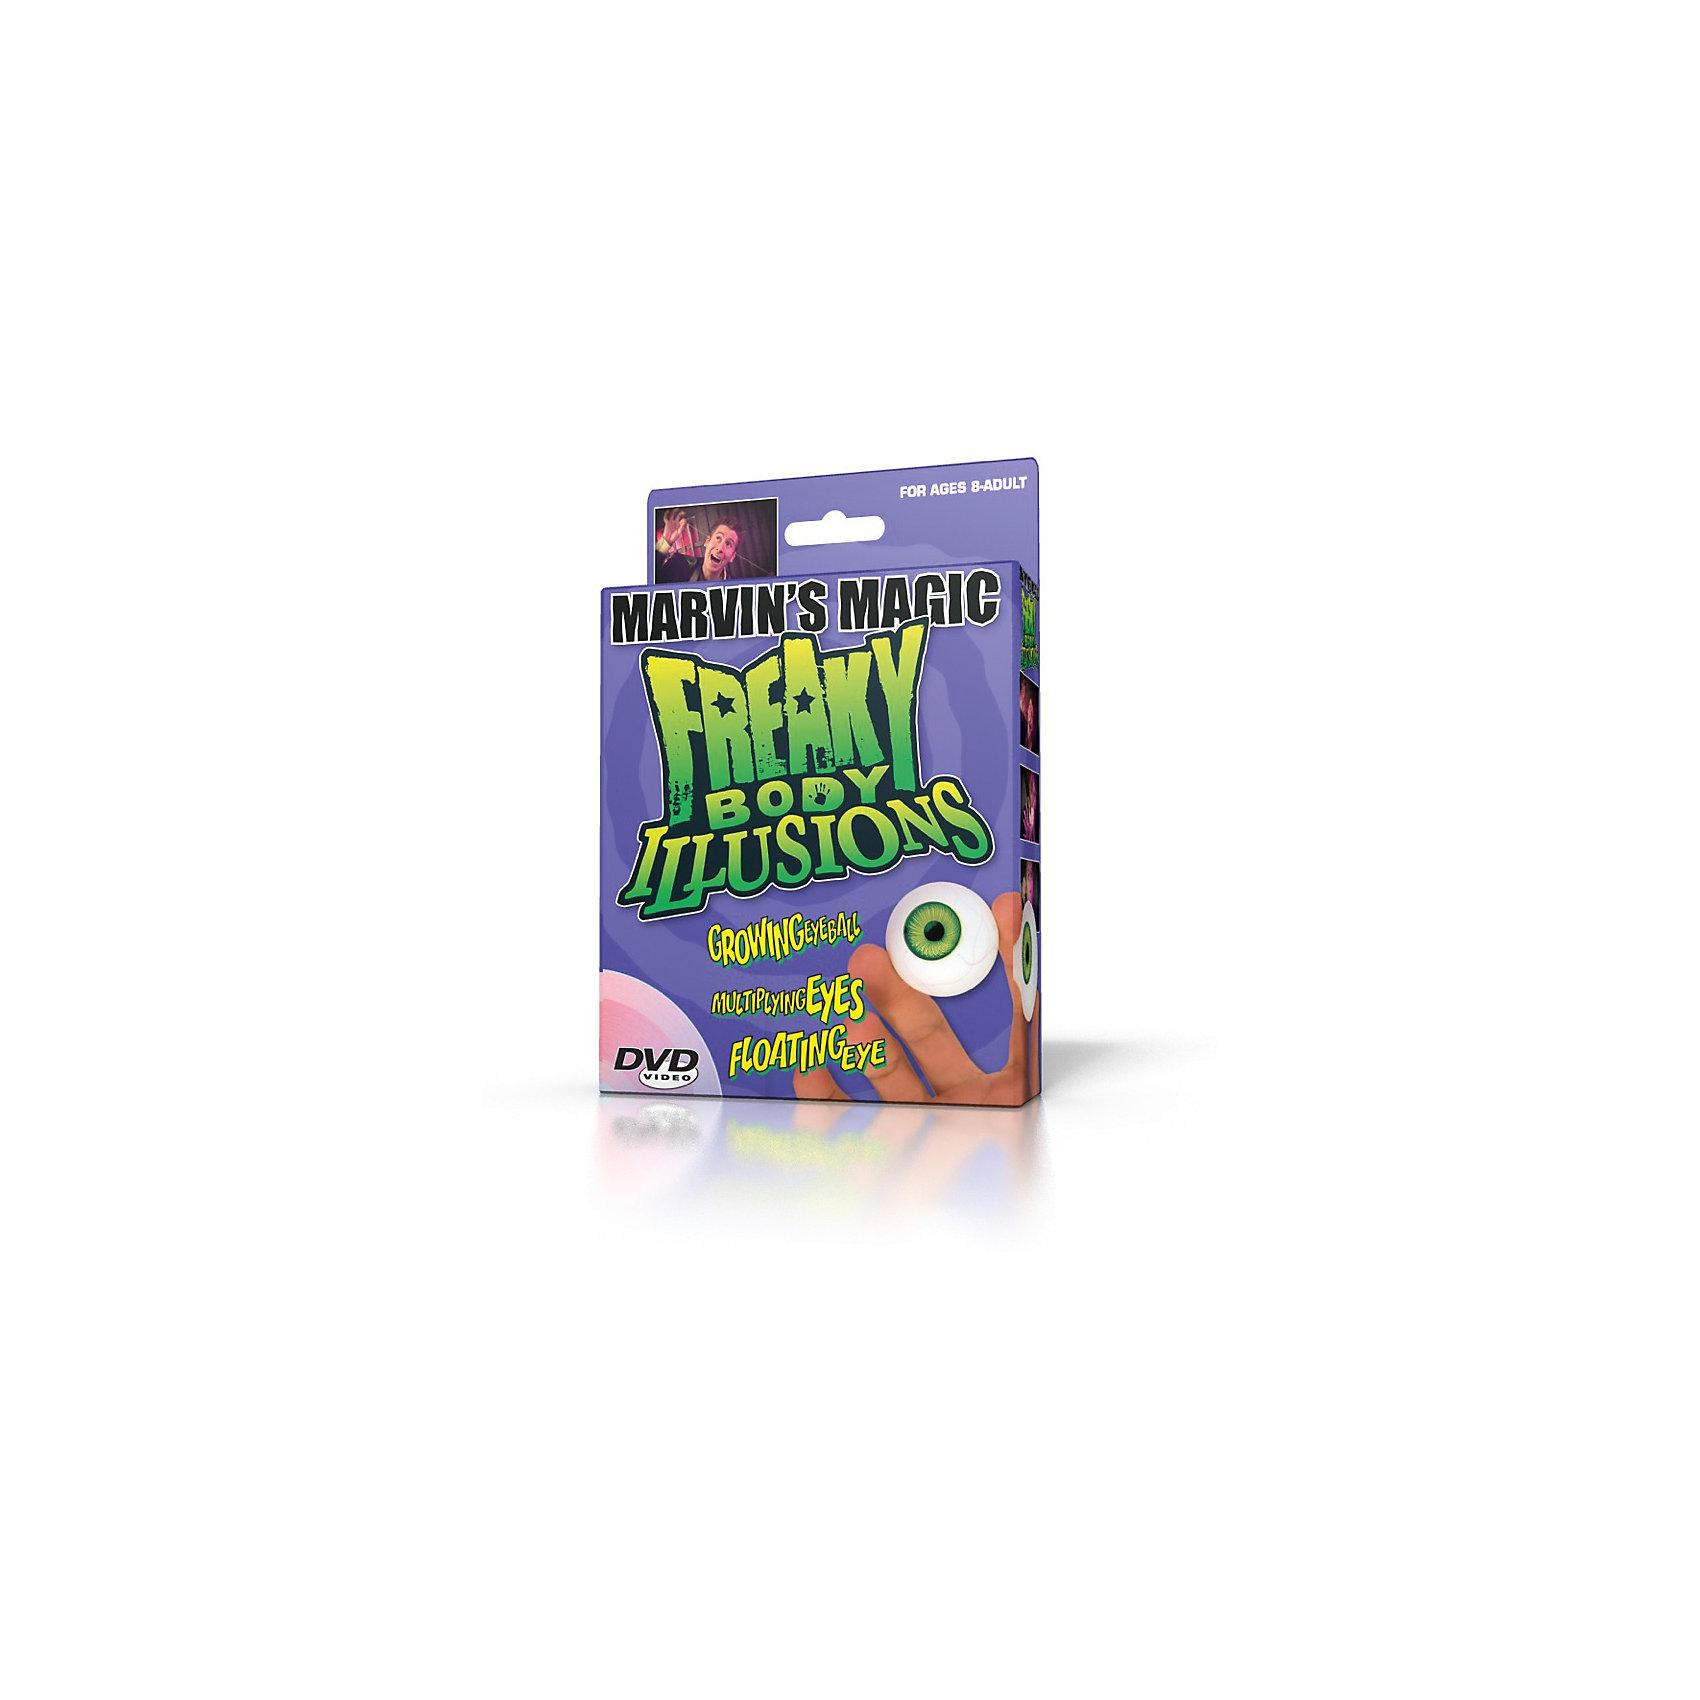 Набор фокусов  Смешные ужасы, иллюзии с  глазамиНаборы для фокусов<br>Набор фокусов Смешные ужасы, иллюзии с глазами.<br><br>Характеристики:<br><br>• Возраст: от 8 лет<br>• В наборе: черный платок, 2 глазных яблока, набор карточек, карточка члена клуба Марвинс Мэйджик, DVD диск с инструкциями<br>• Материал: пластик, текстиль<br>• Упаковка: картонная коробка<br><br>Набор Смешные ужасы, иллюзии с глазами позволит маленьким фокусникам проделывать самые невероятные трюки и создавать удивительные иллюзии со своим телом. В набор входит два реалистичных бутафорских глазных яблока, черный платок, набор карточек и DVD диск с инструкциями о том, как можно напугать и удивить с помощью этих аксессуаров. Набор развивает координацию движений, артистизм, навыки общения и выступления на публике.<br><br>Набор фокусов Смешные ужасы, иллюзии с глазами можно купить в нашем интернет-магазине.<br><br>Ширина мм: 160<br>Глубина мм: 55<br>Высота мм: 235<br>Вес г: 205<br>Возраст от месяцев: 96<br>Возраст до месяцев: 2147483647<br>Пол: Унисекс<br>Возраст: Детский<br>SKU: 5482549